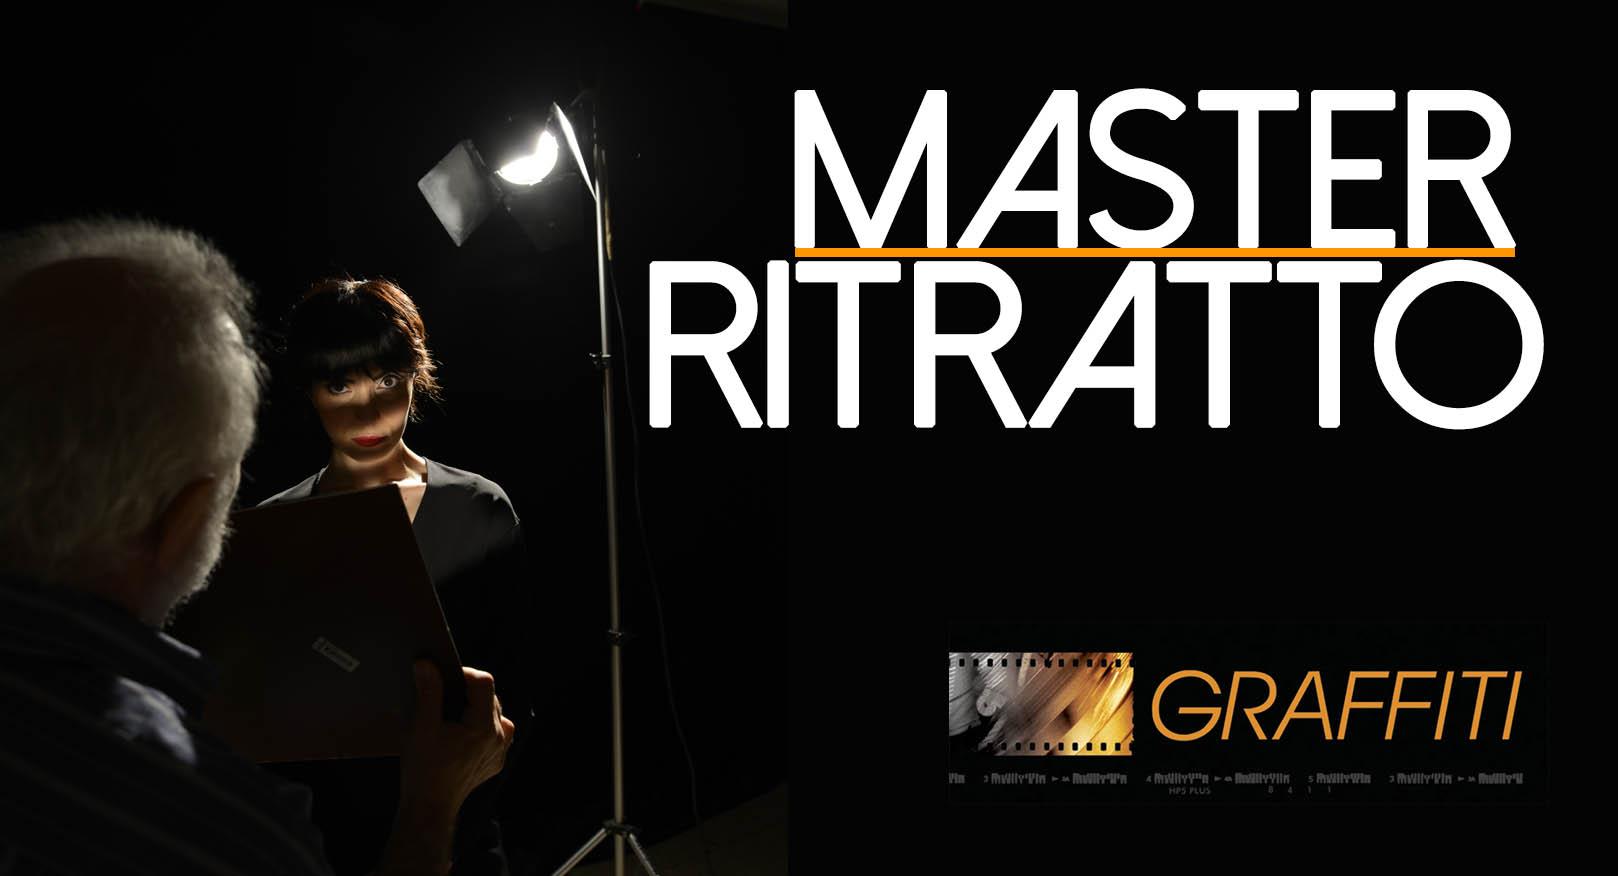 Master Ritratto Graffiti Fotografia